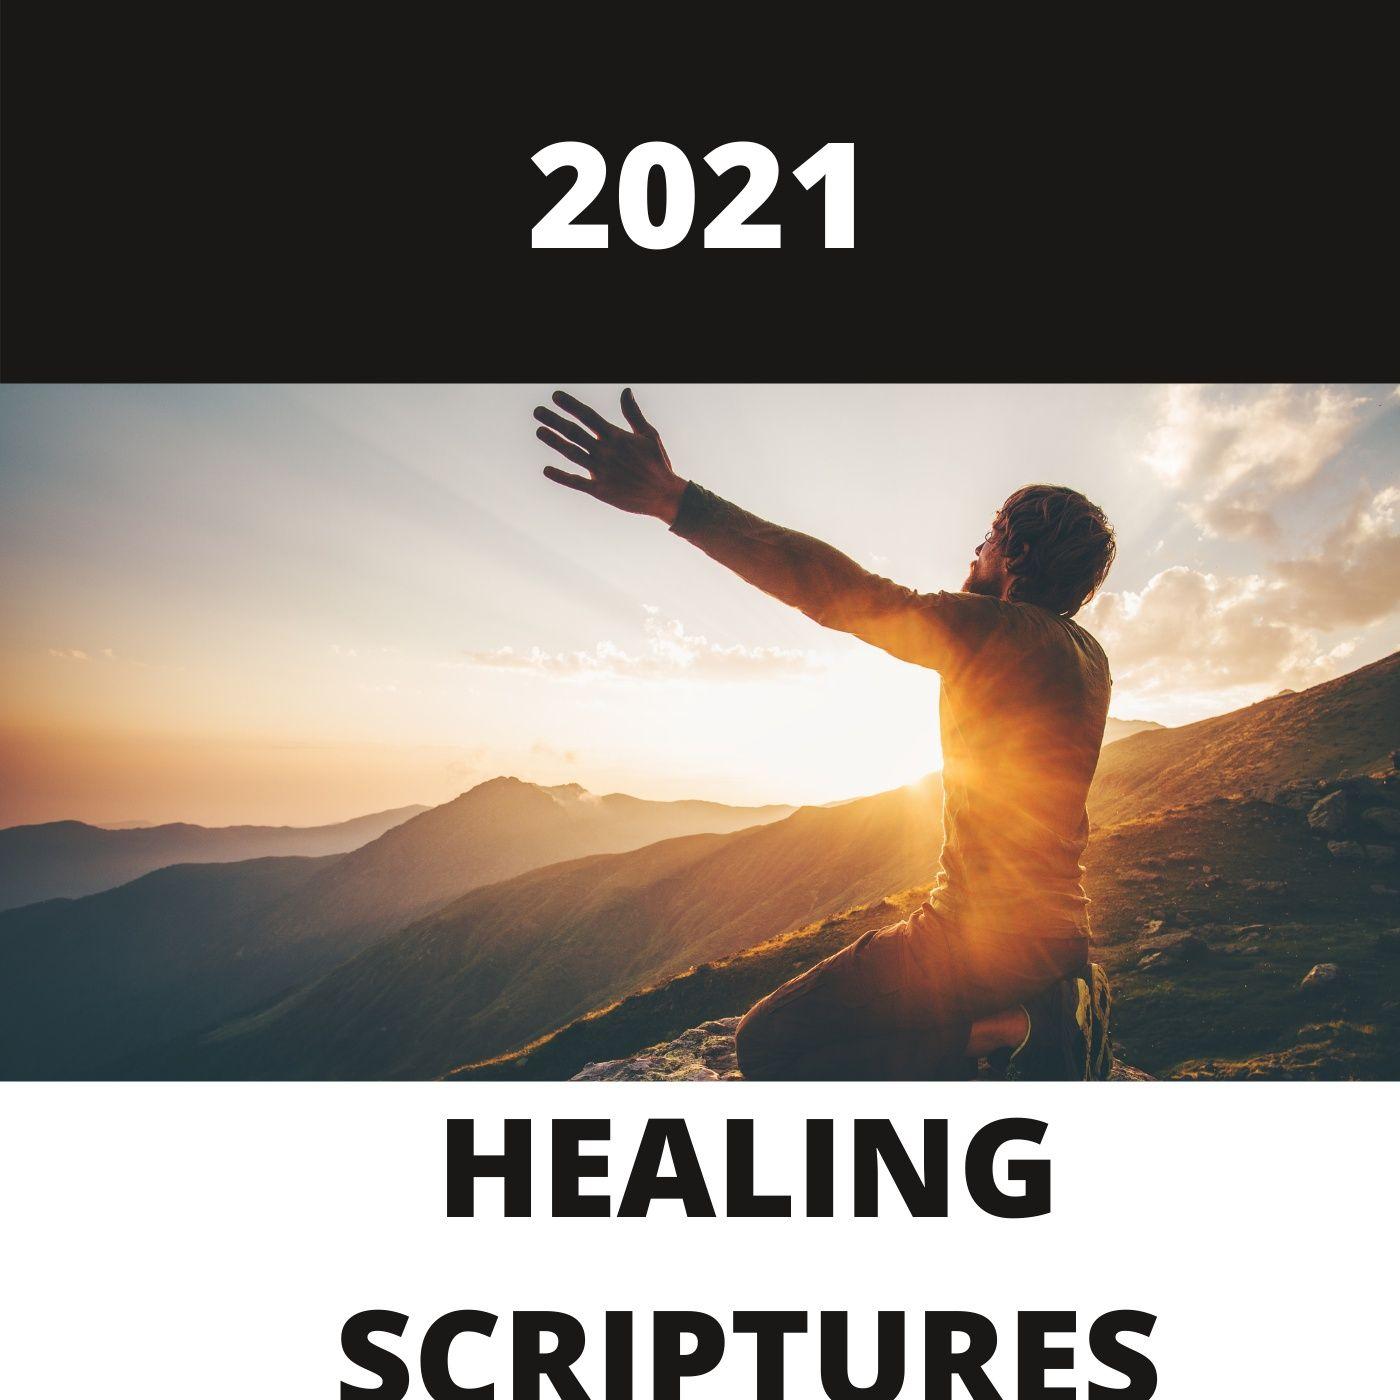 2021 Healing Scriptures